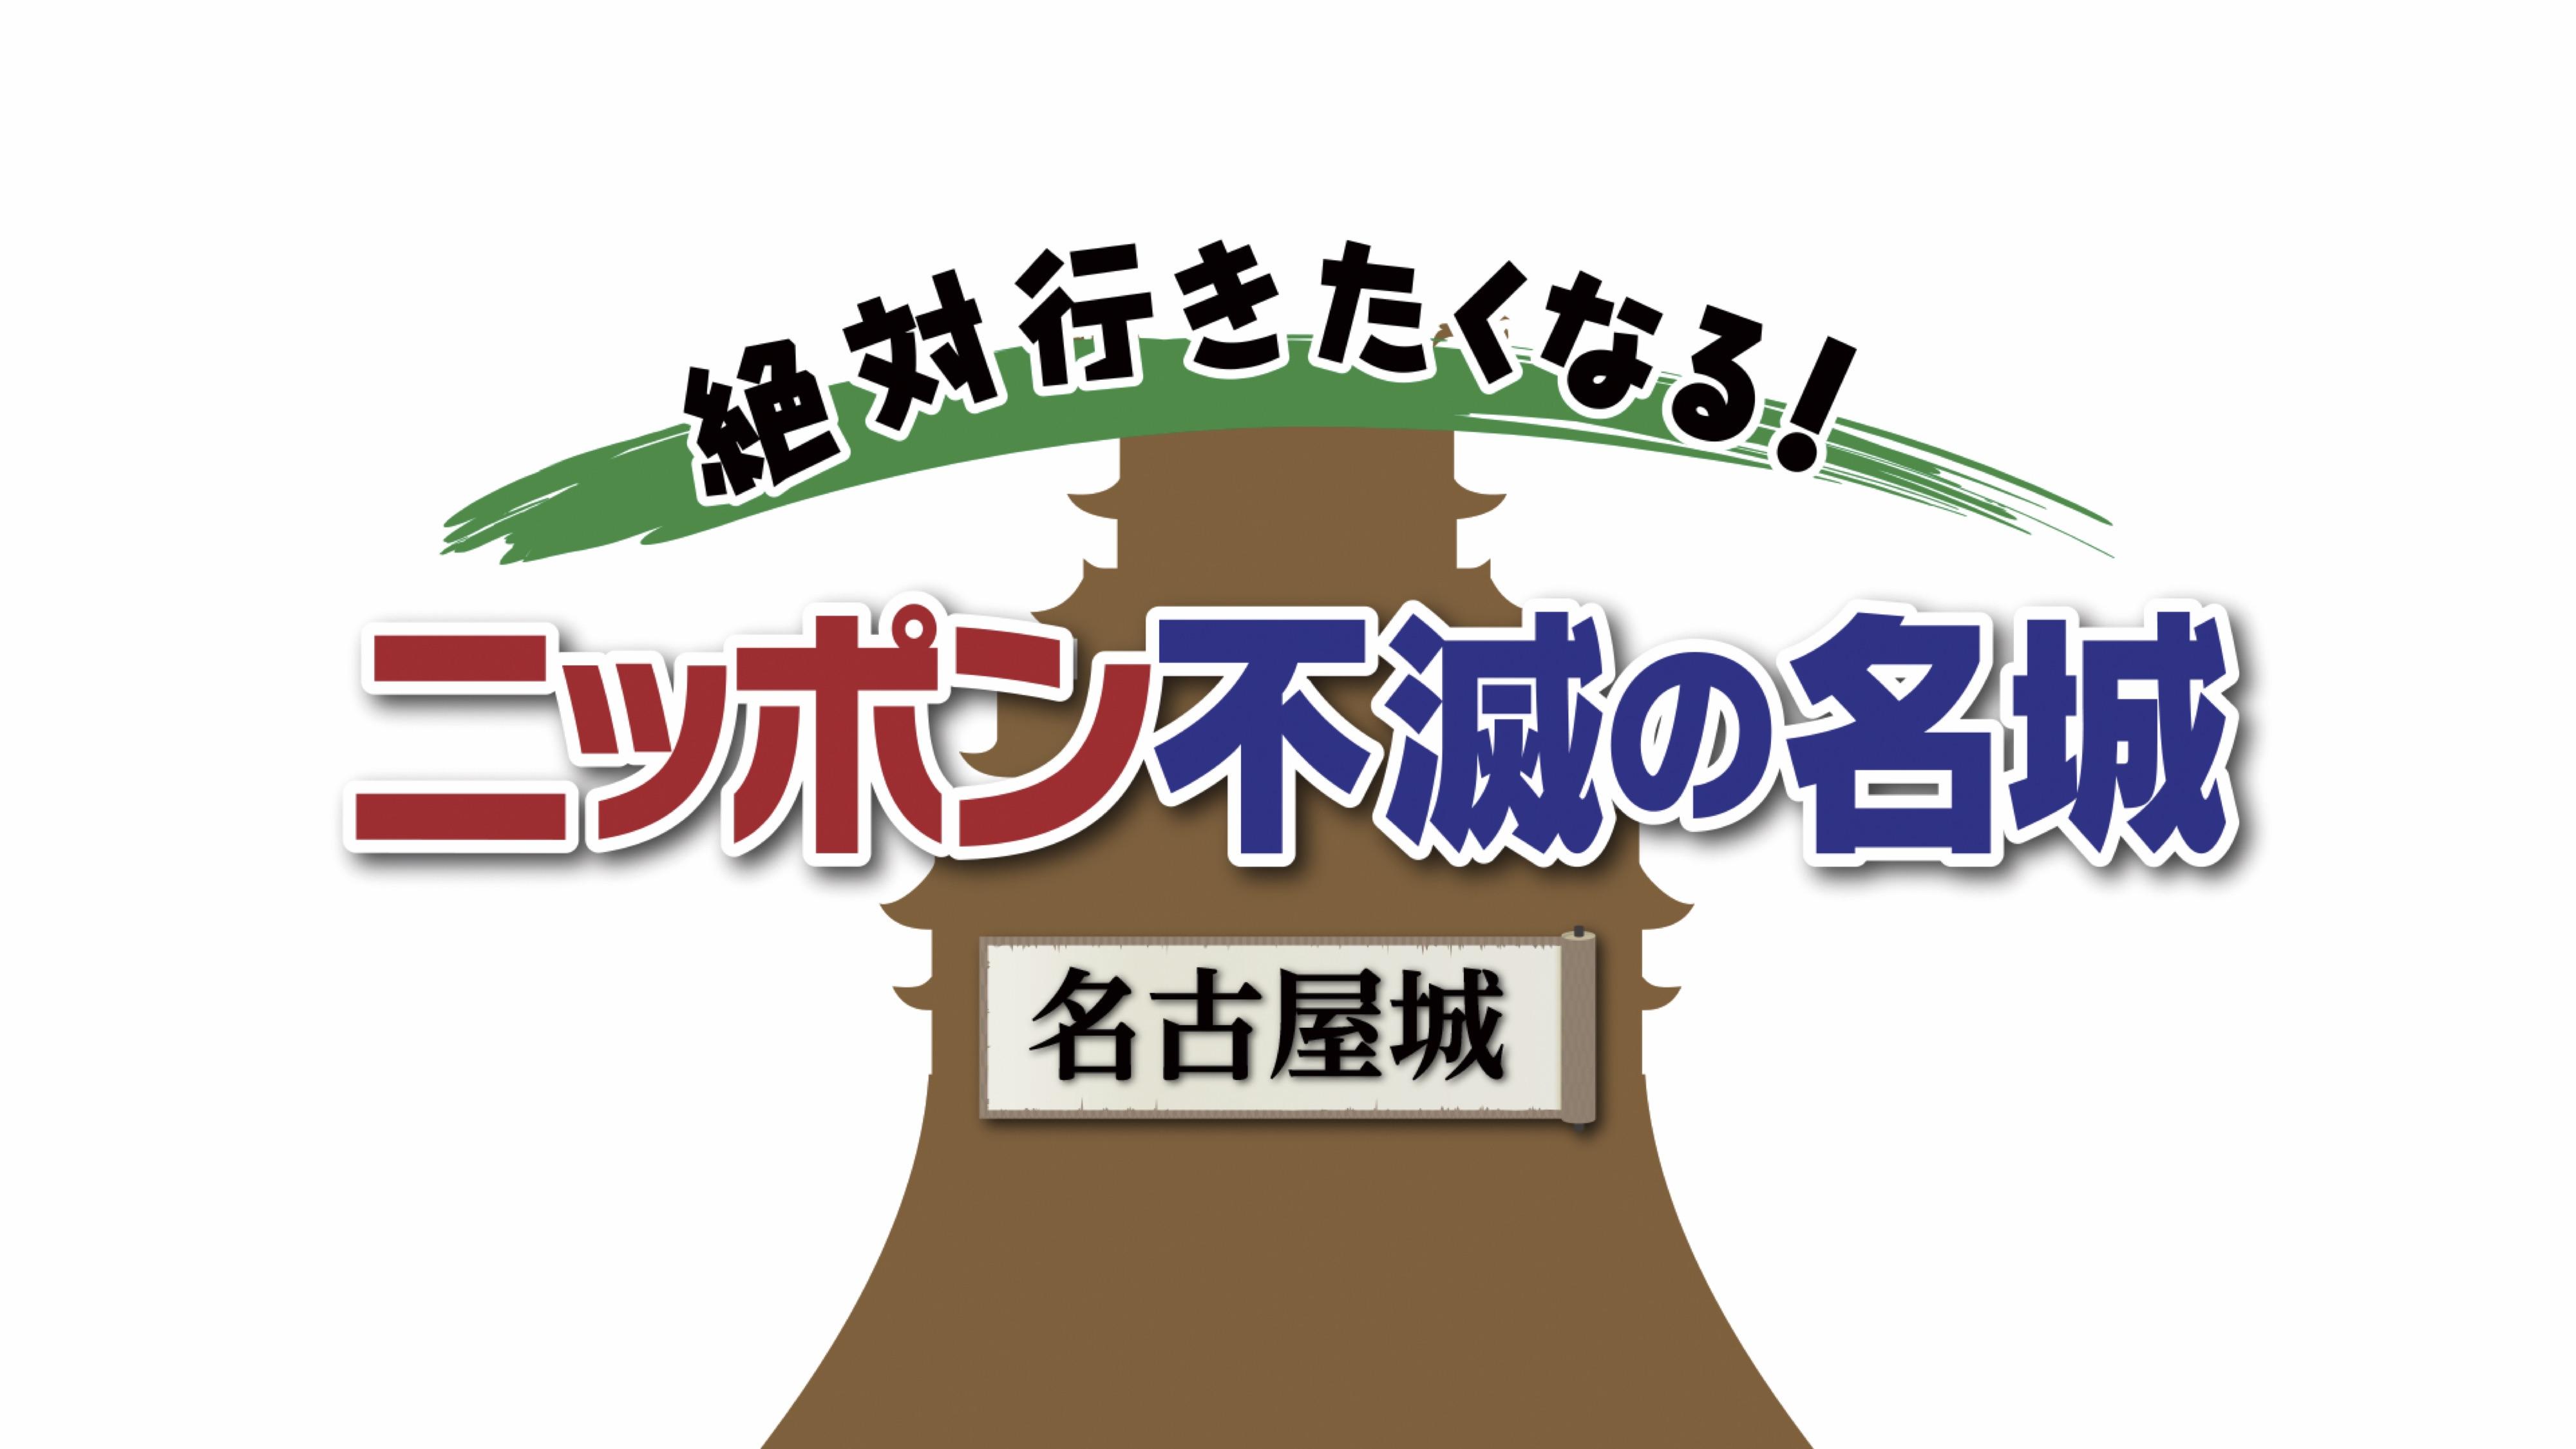 「絶対行きたくなる!ニッポン不滅の名城」名古屋城